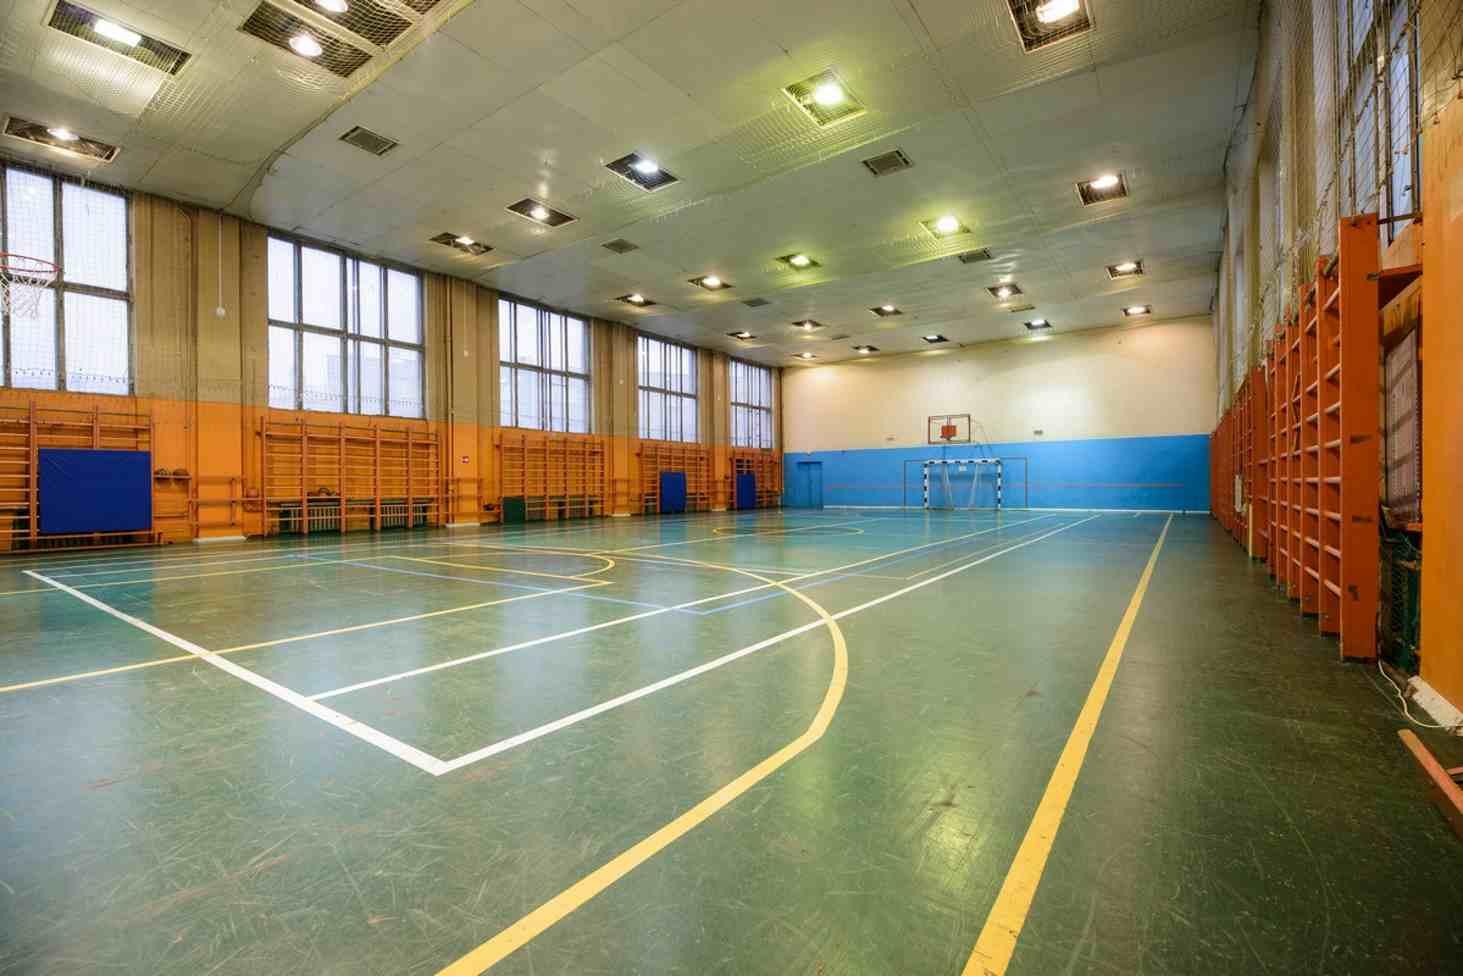 sergej-kravtsov-posovetoval-shkolam-ne-provodit-massovye-meropriyatiya-v-etom-godu